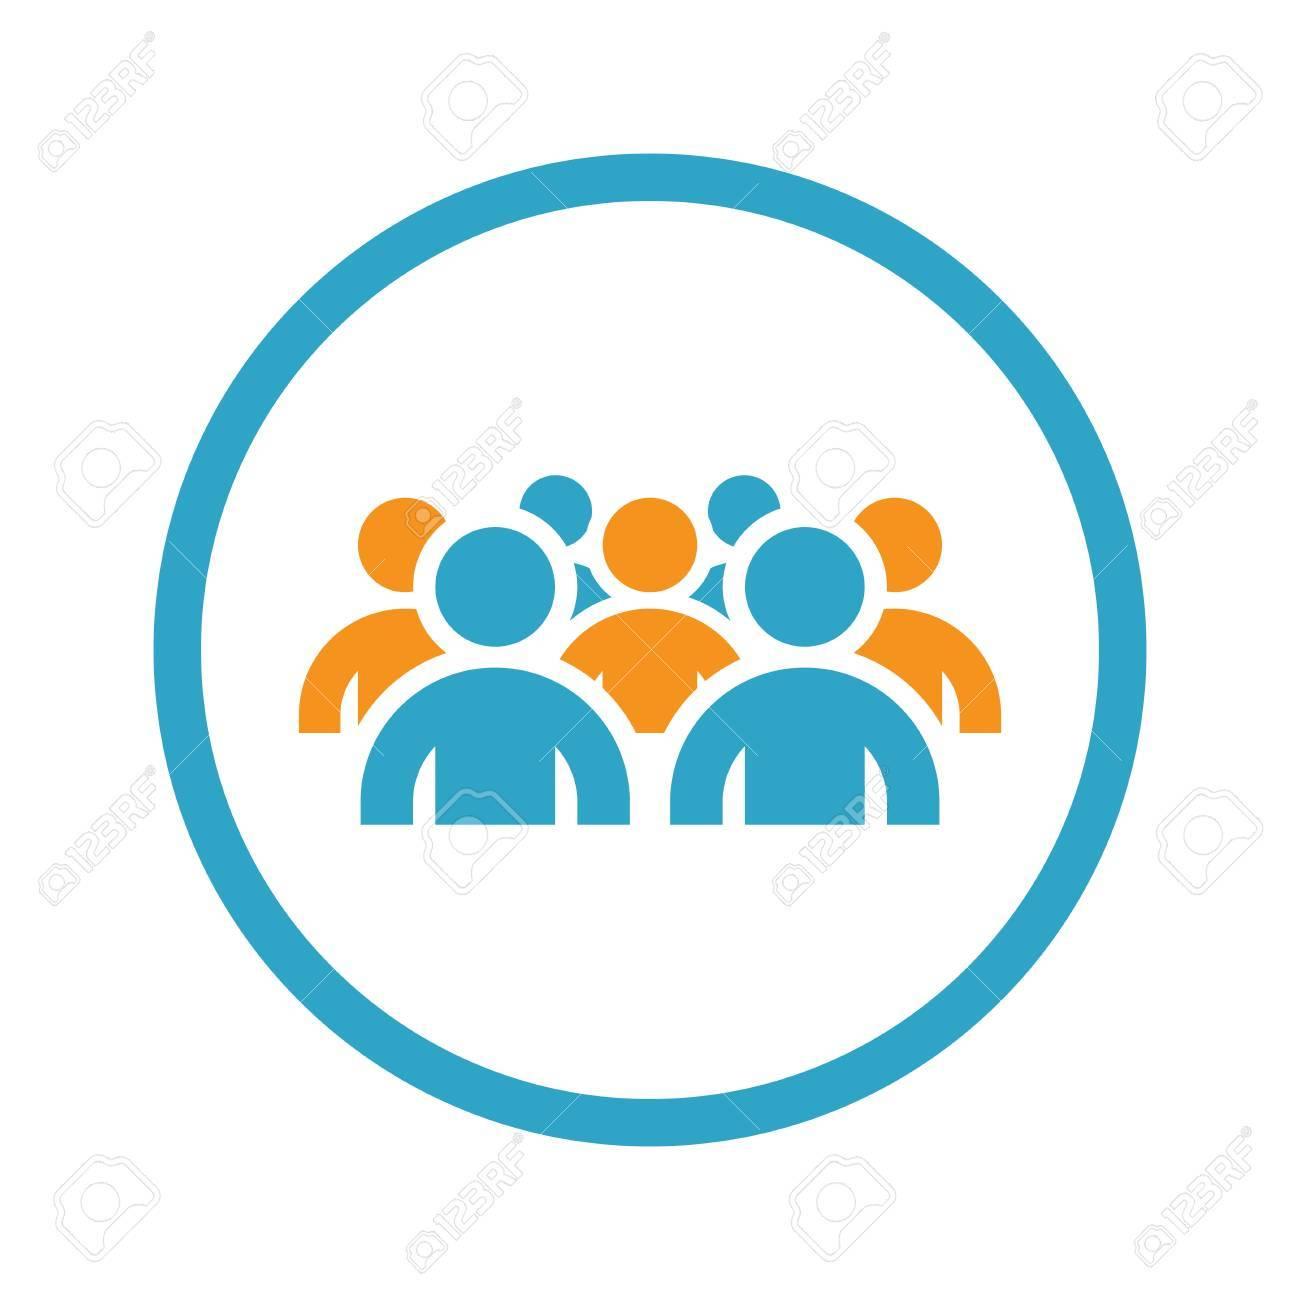 Groupe De Personnes Différentes Dans La Communauté Isolé Sur Fond Blanc Clip  Art Libres De Droits , Vecteurs Et Illustration. Image 61618532.